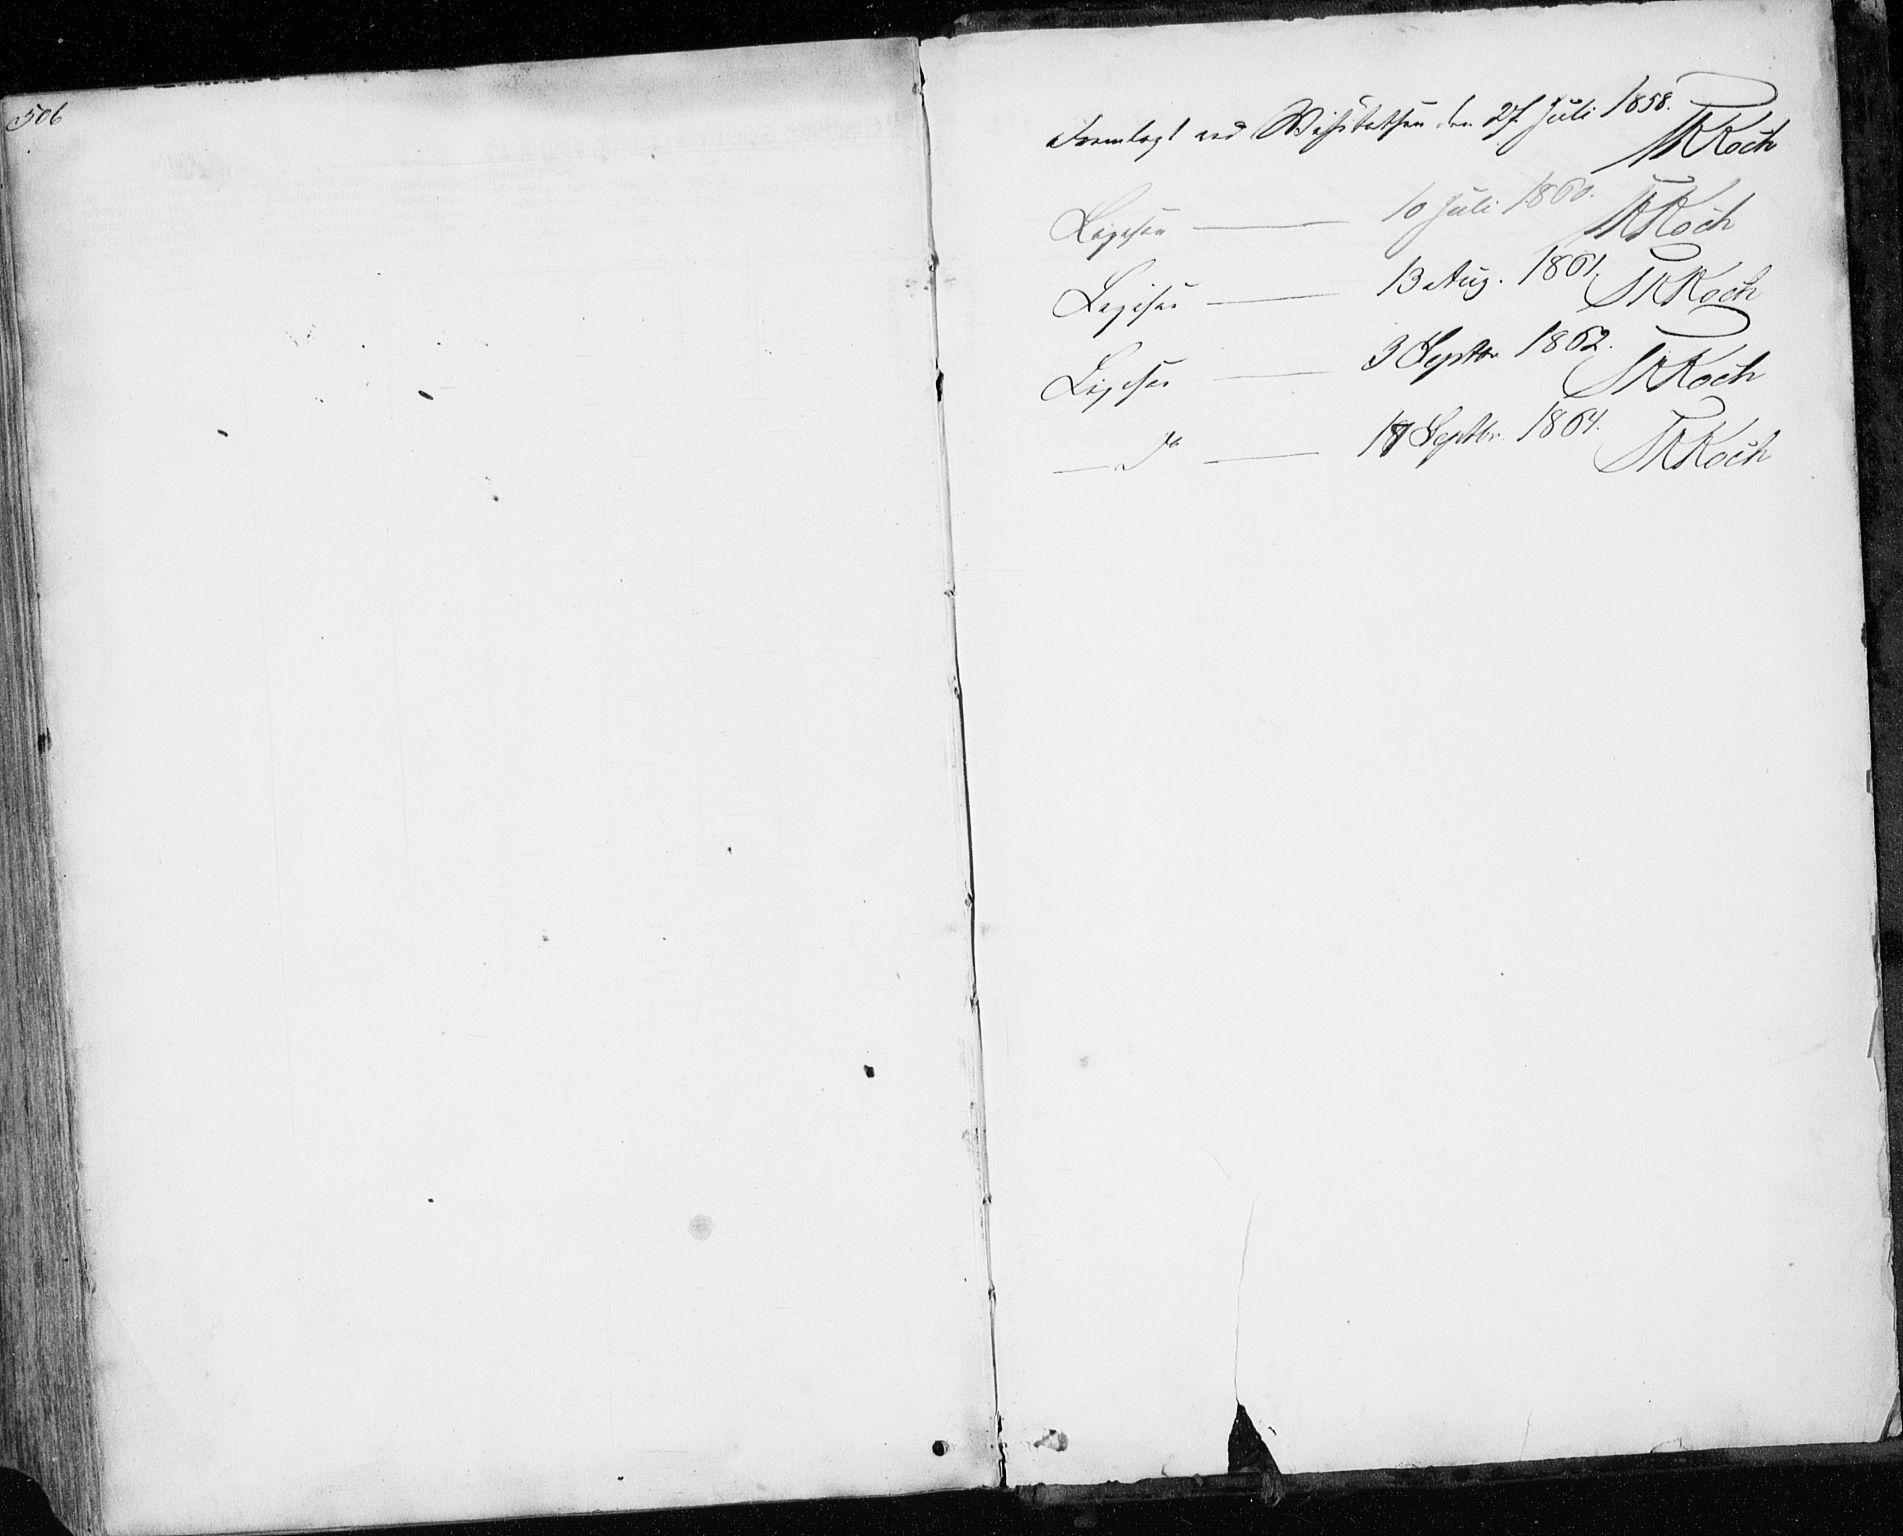 SAT, Ministerialprotokoller, klokkerbøker og fødselsregistre - Nord-Trøndelag, 701/L0008: Ministerialbok nr. 701A08 /1, 1854-1863, s. 506